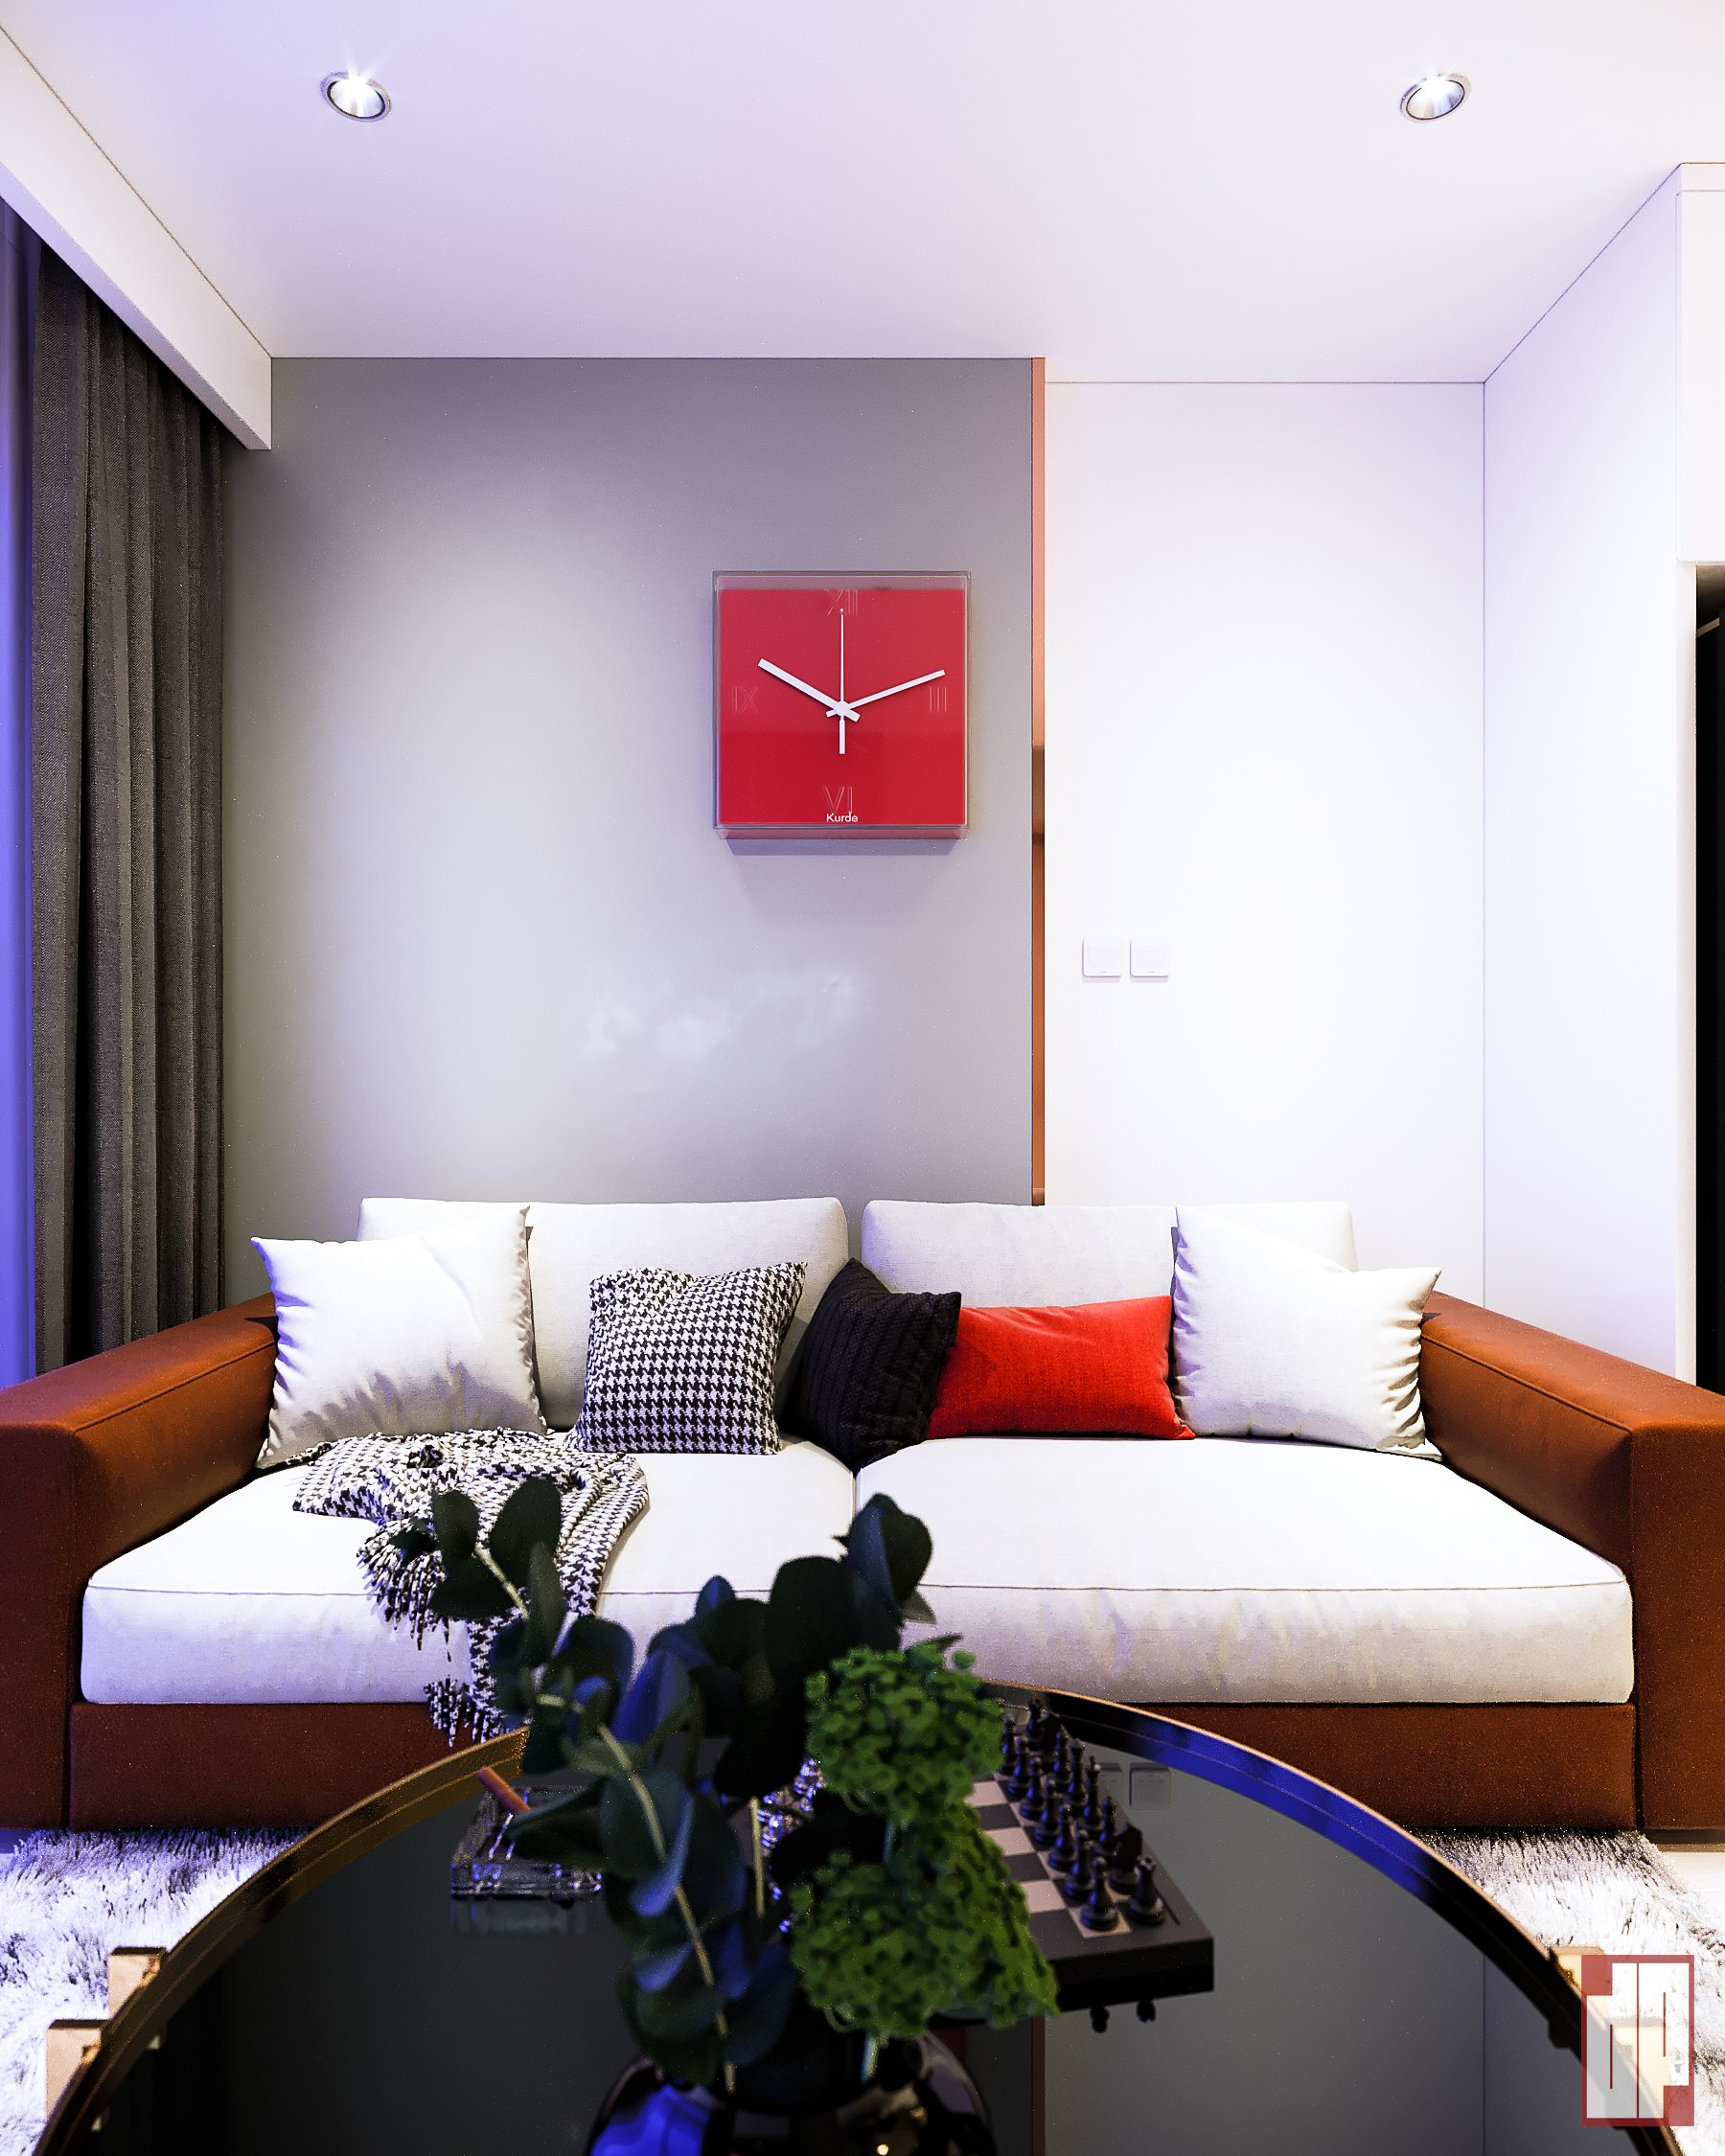 Thiết kế nội thất Chung Cư tại Hồ Chí Minh CHUNG CU VINHOME CENTRAL PARK-Q9 1630423857 3